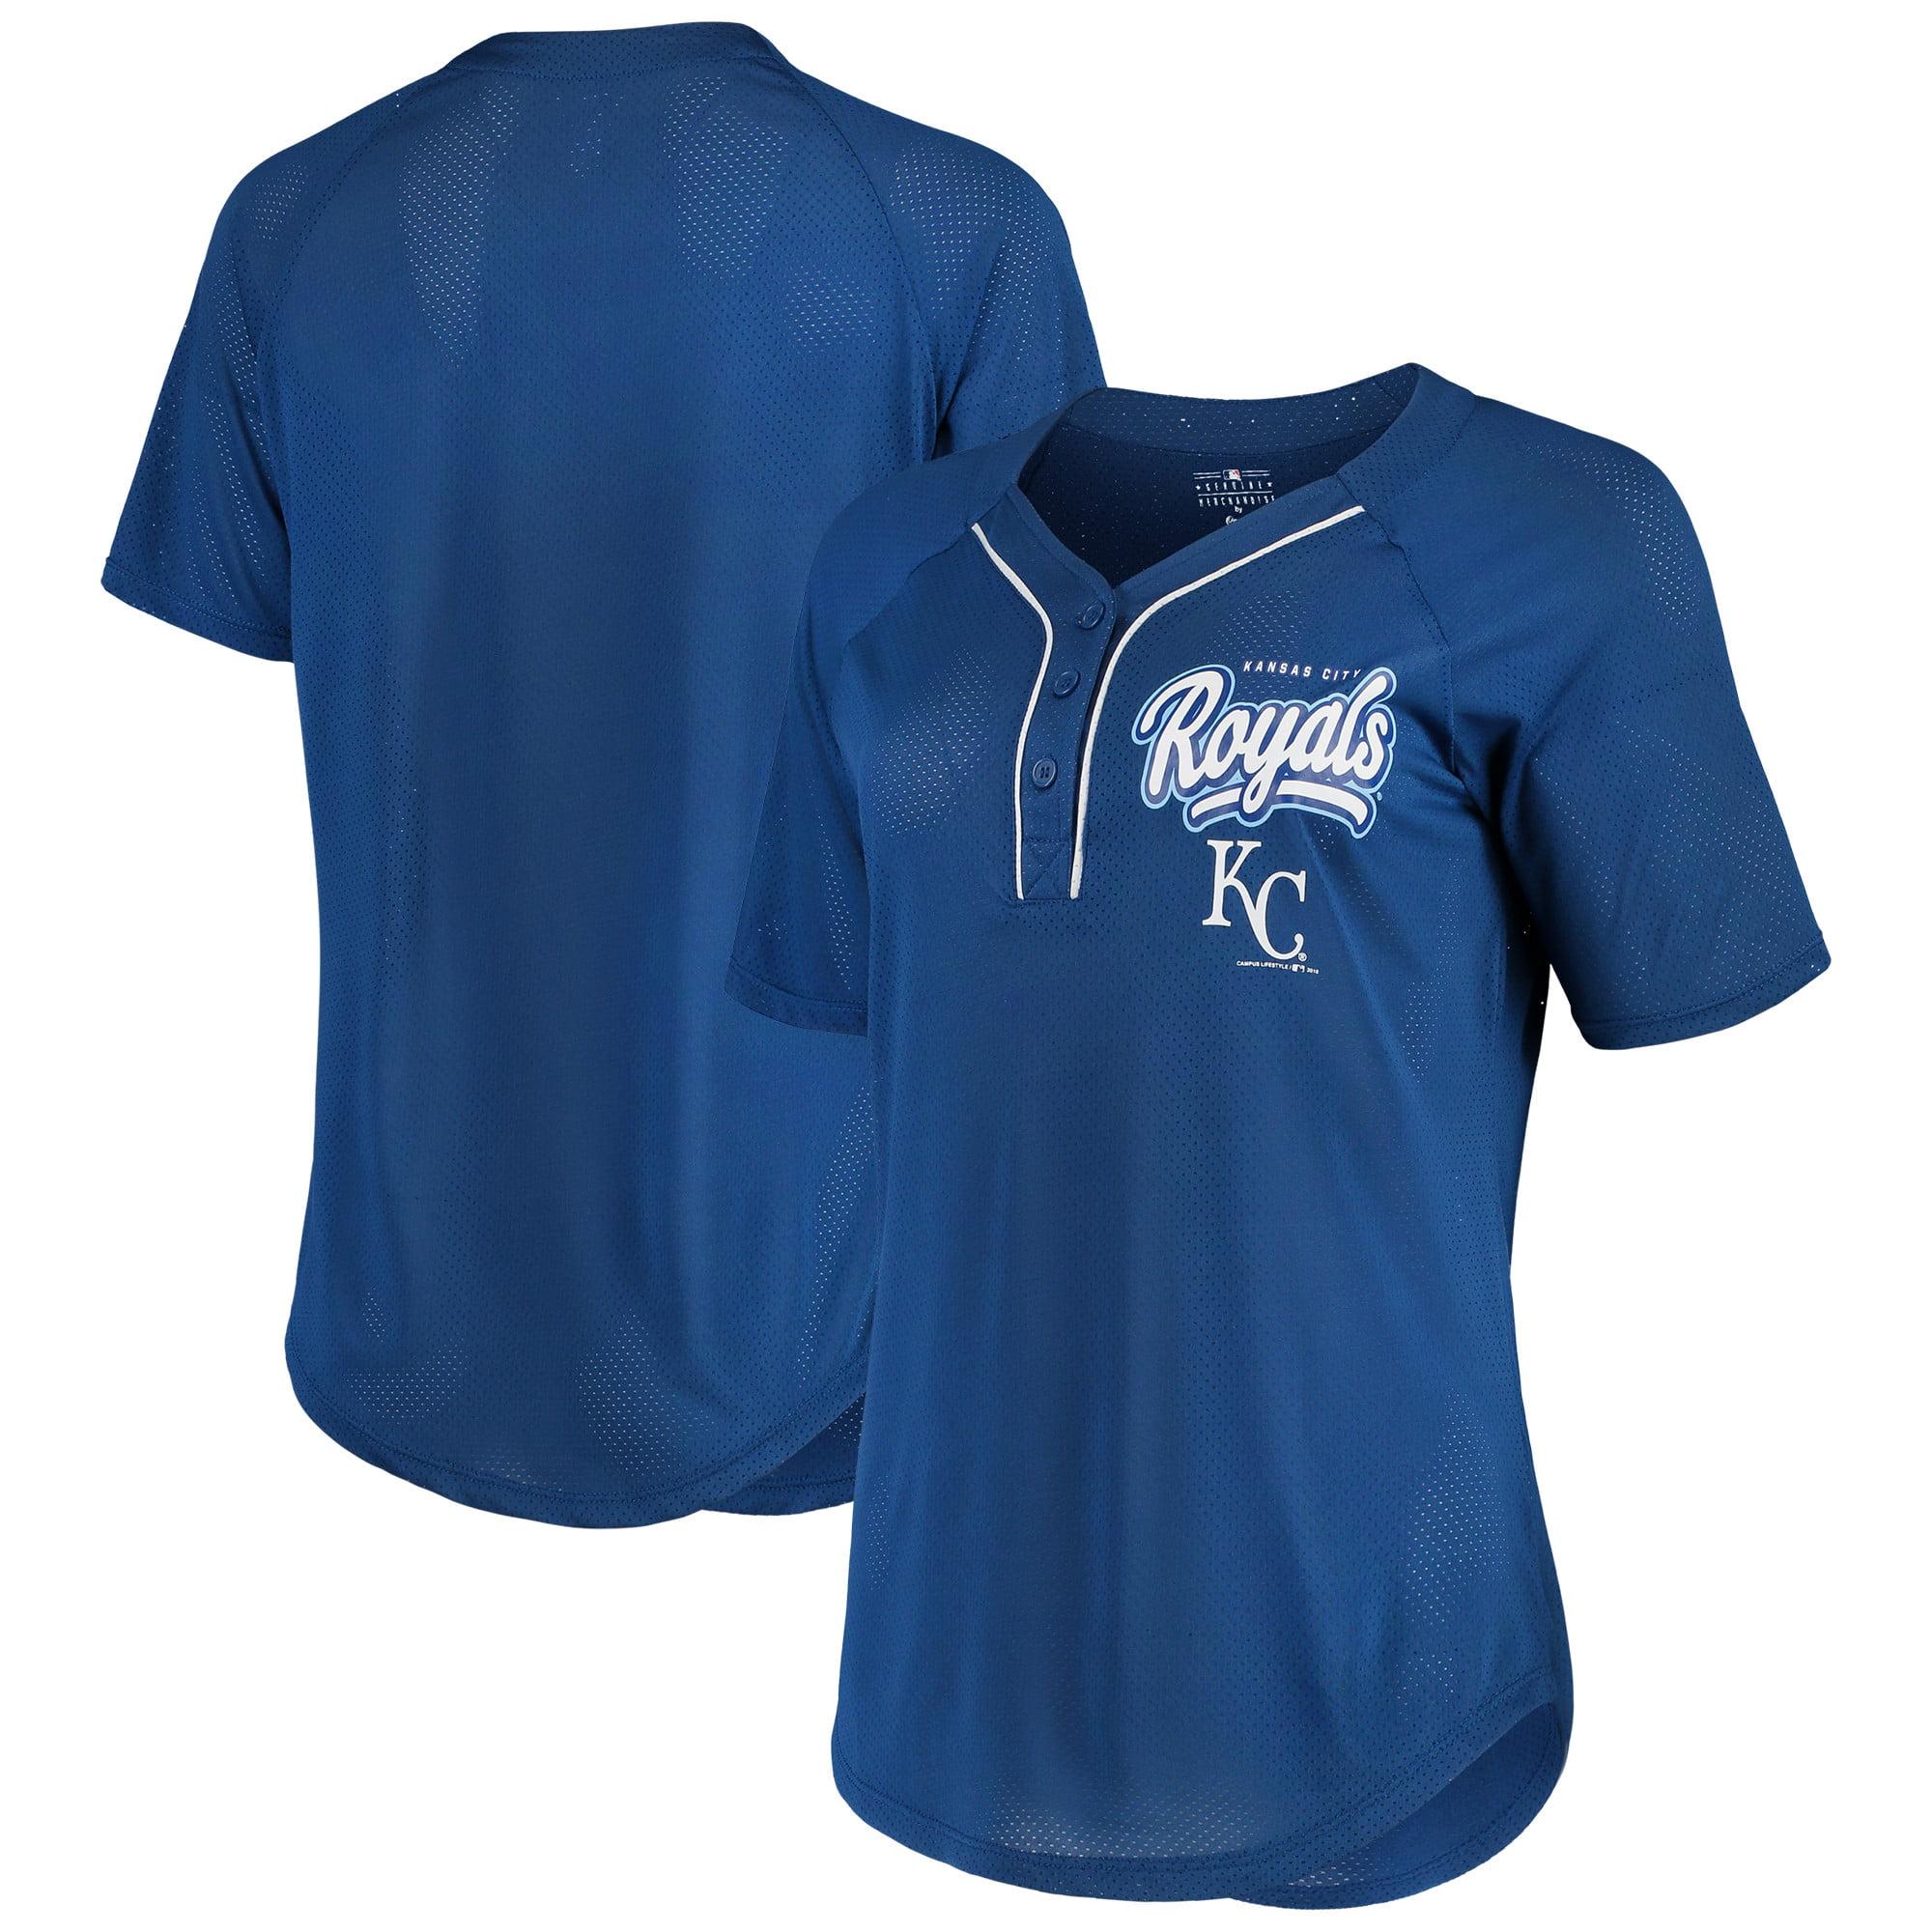 Women's New Era Royal Kansas City Royals Henley Mesh Jersey T-Shirt